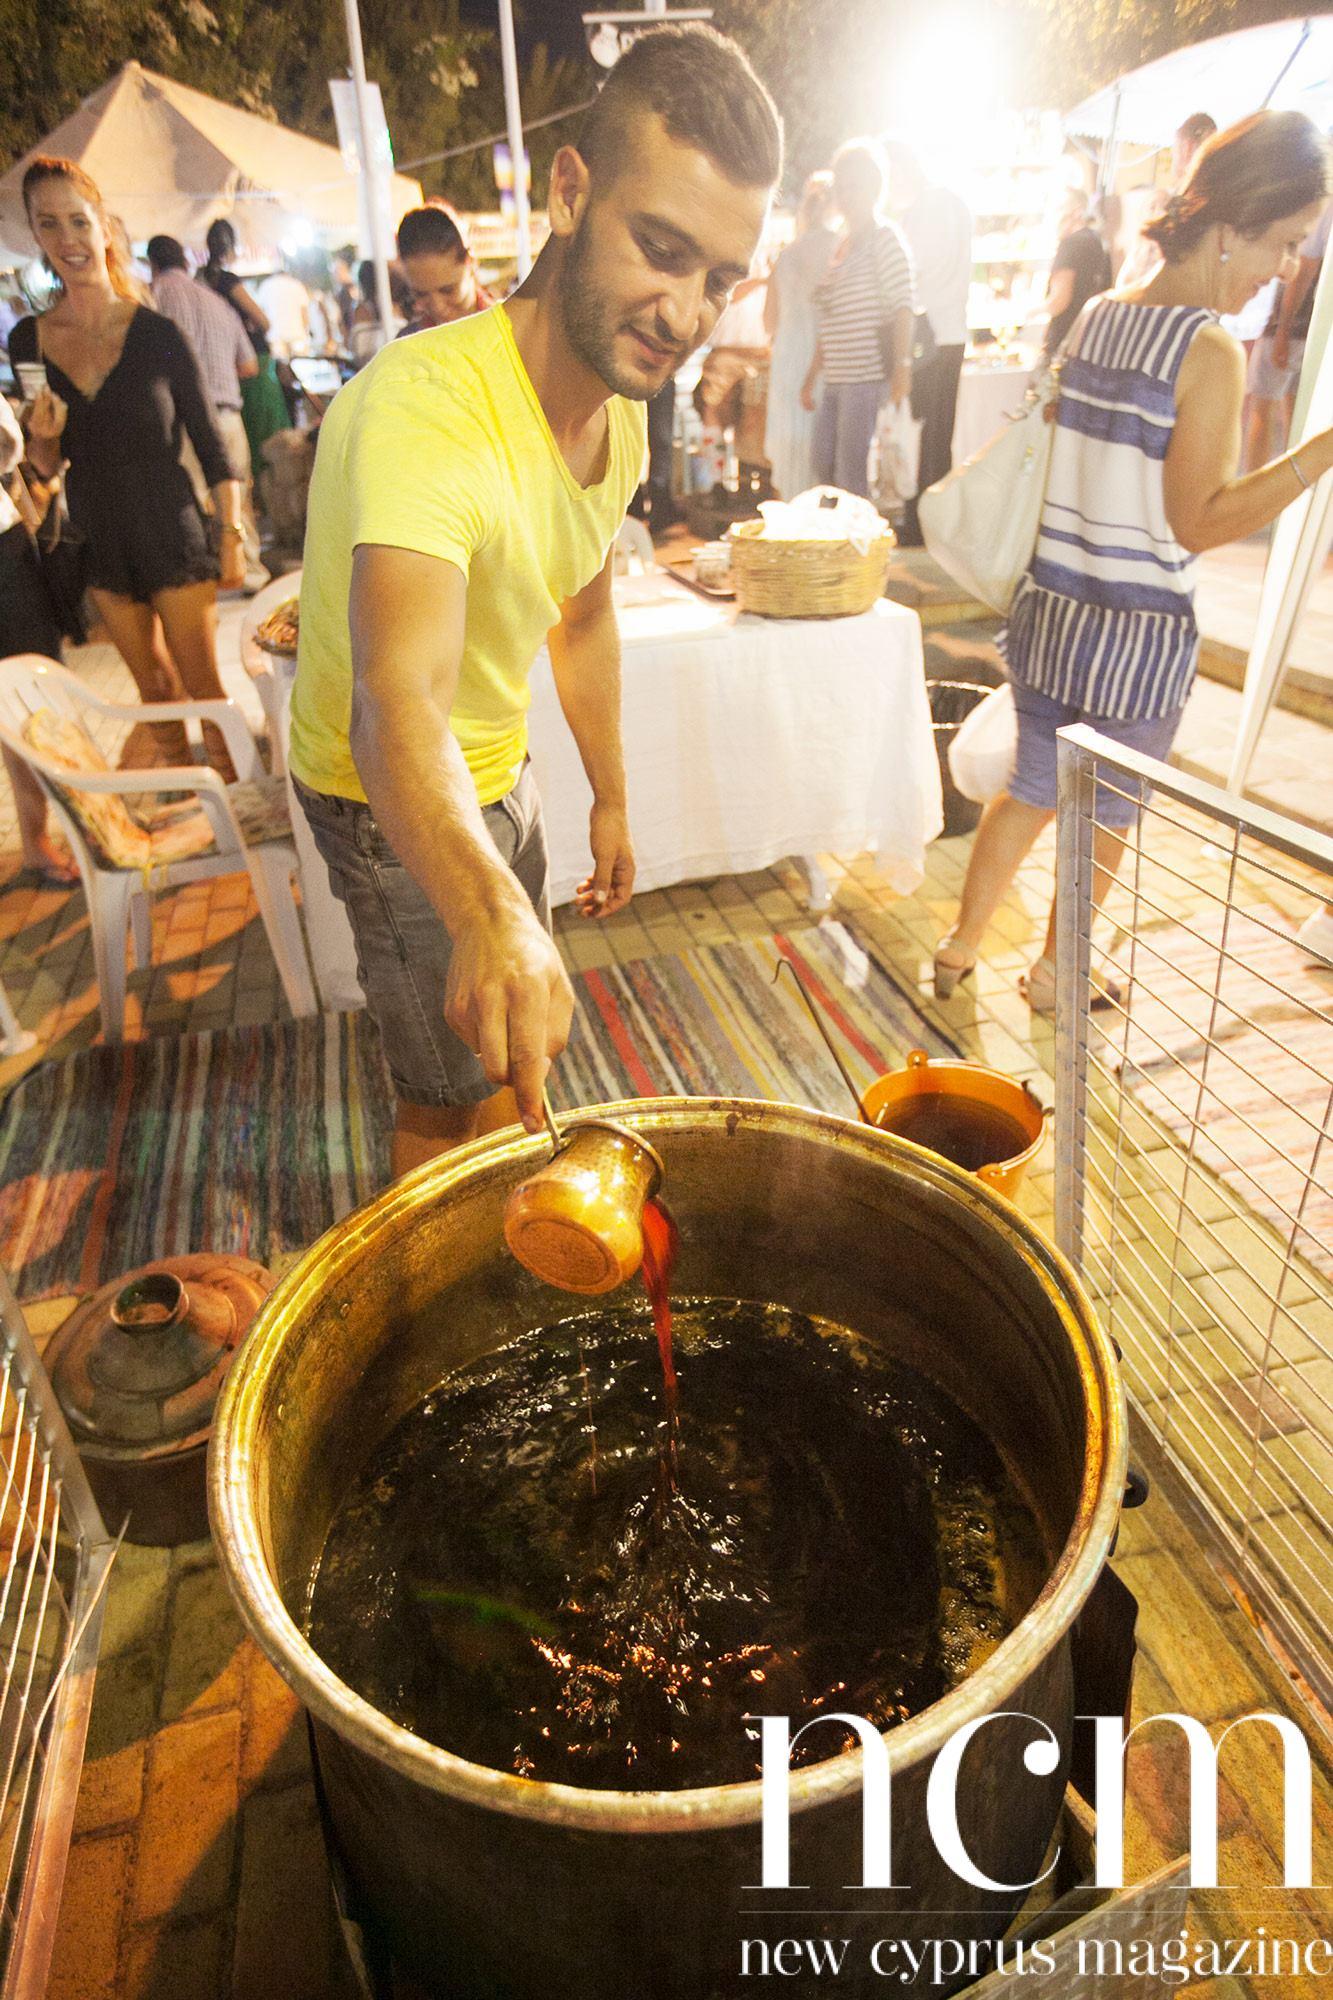 9th Carob Festival